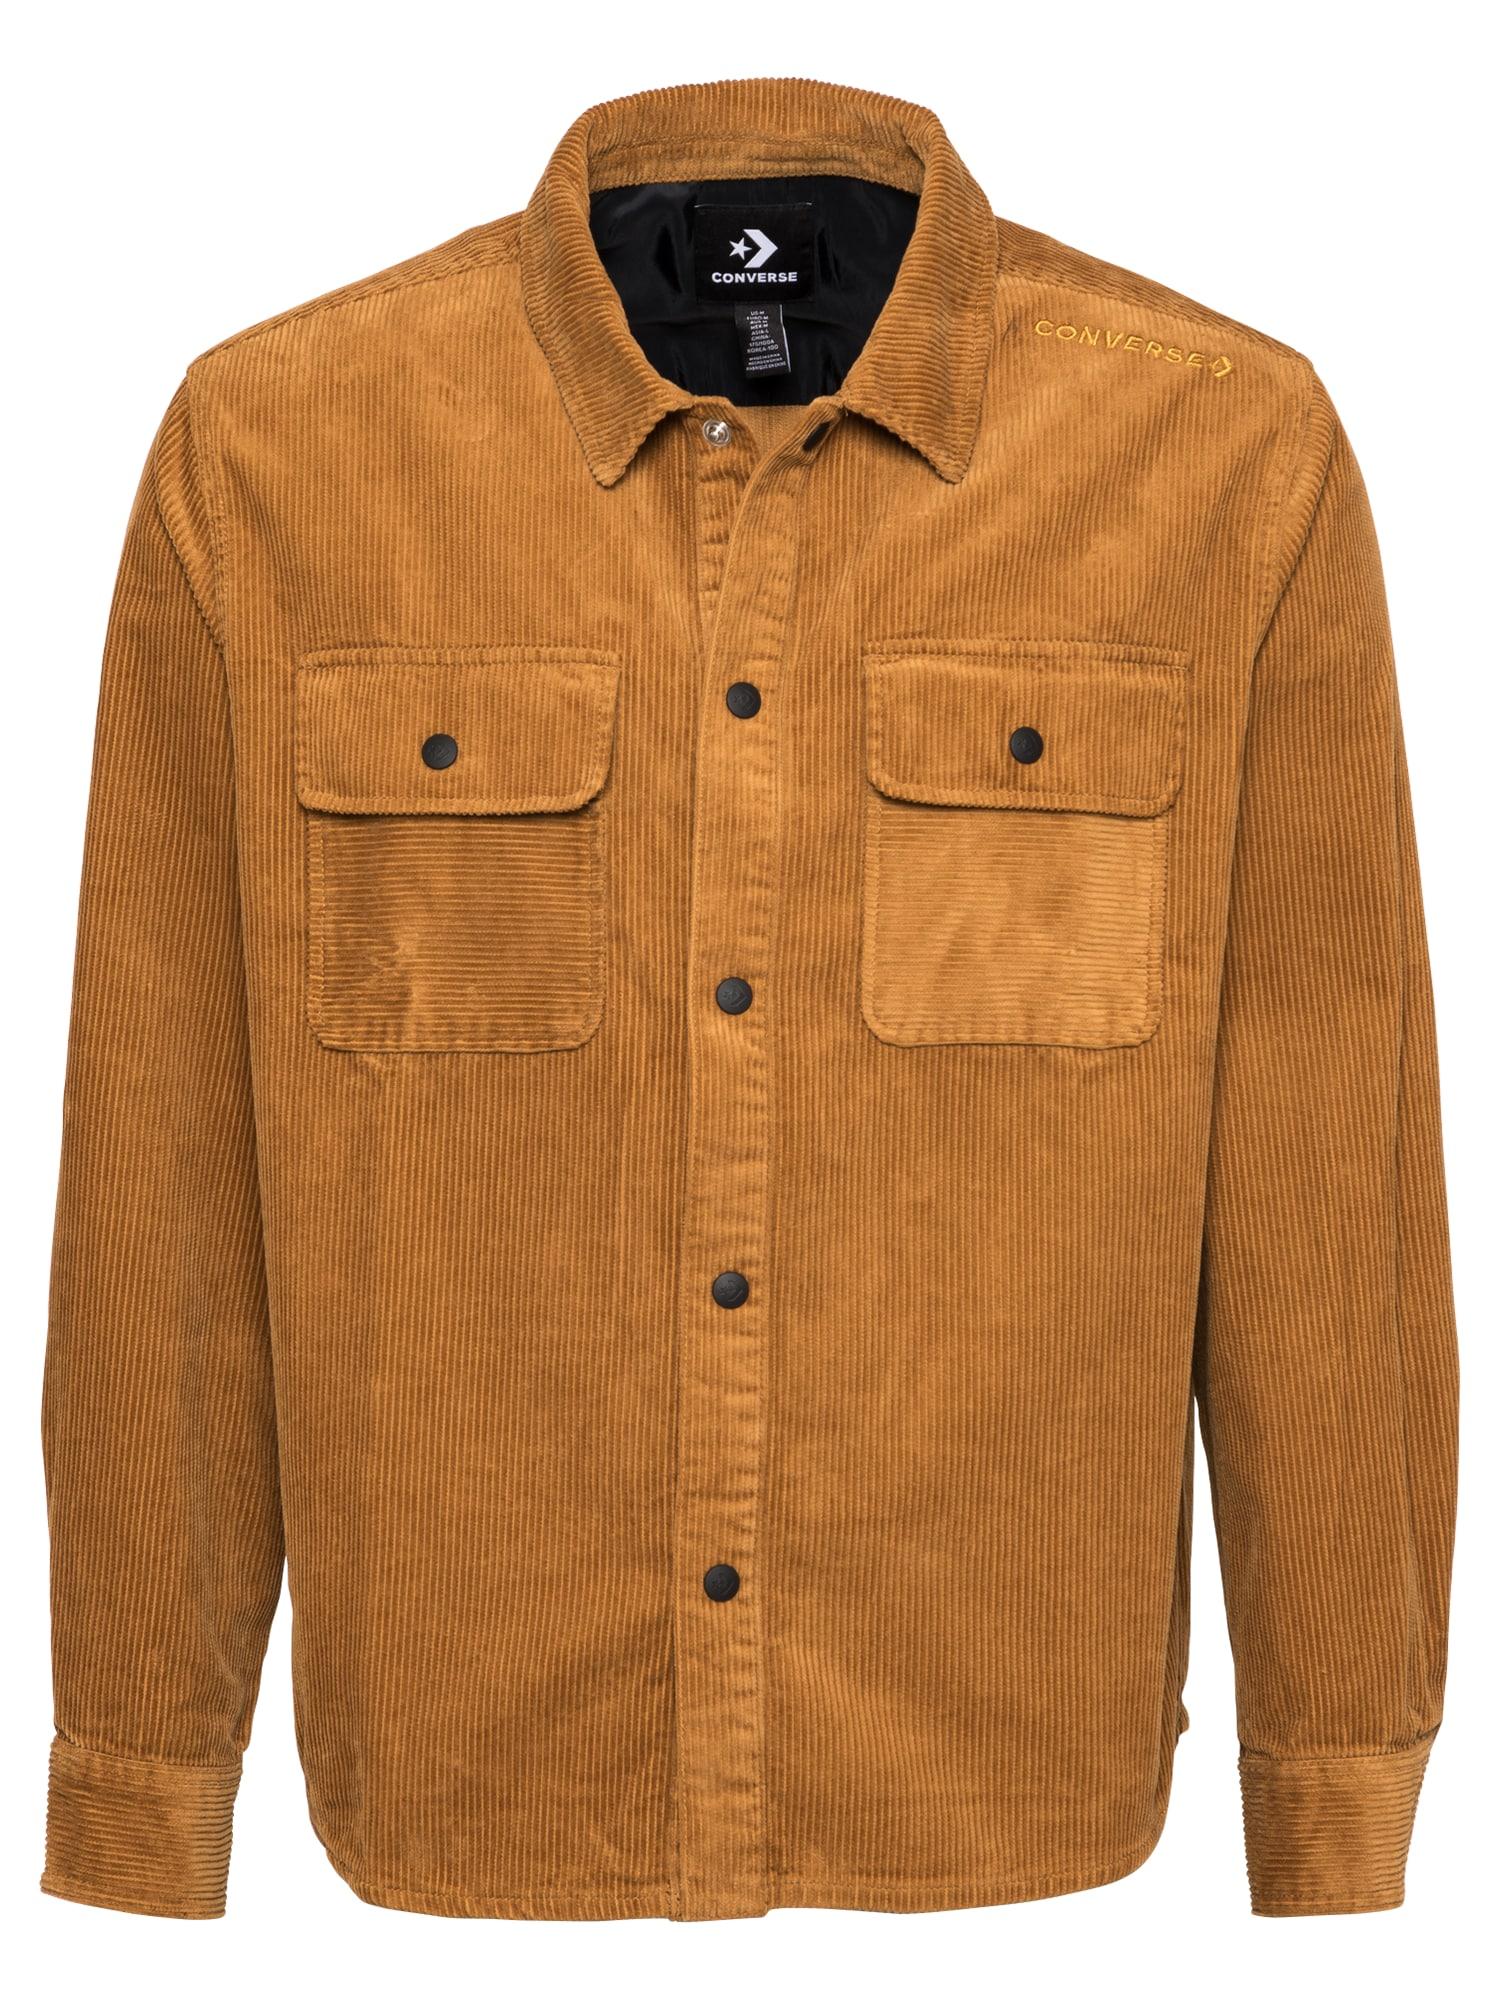 CONVERSE Marškiniai karamelės